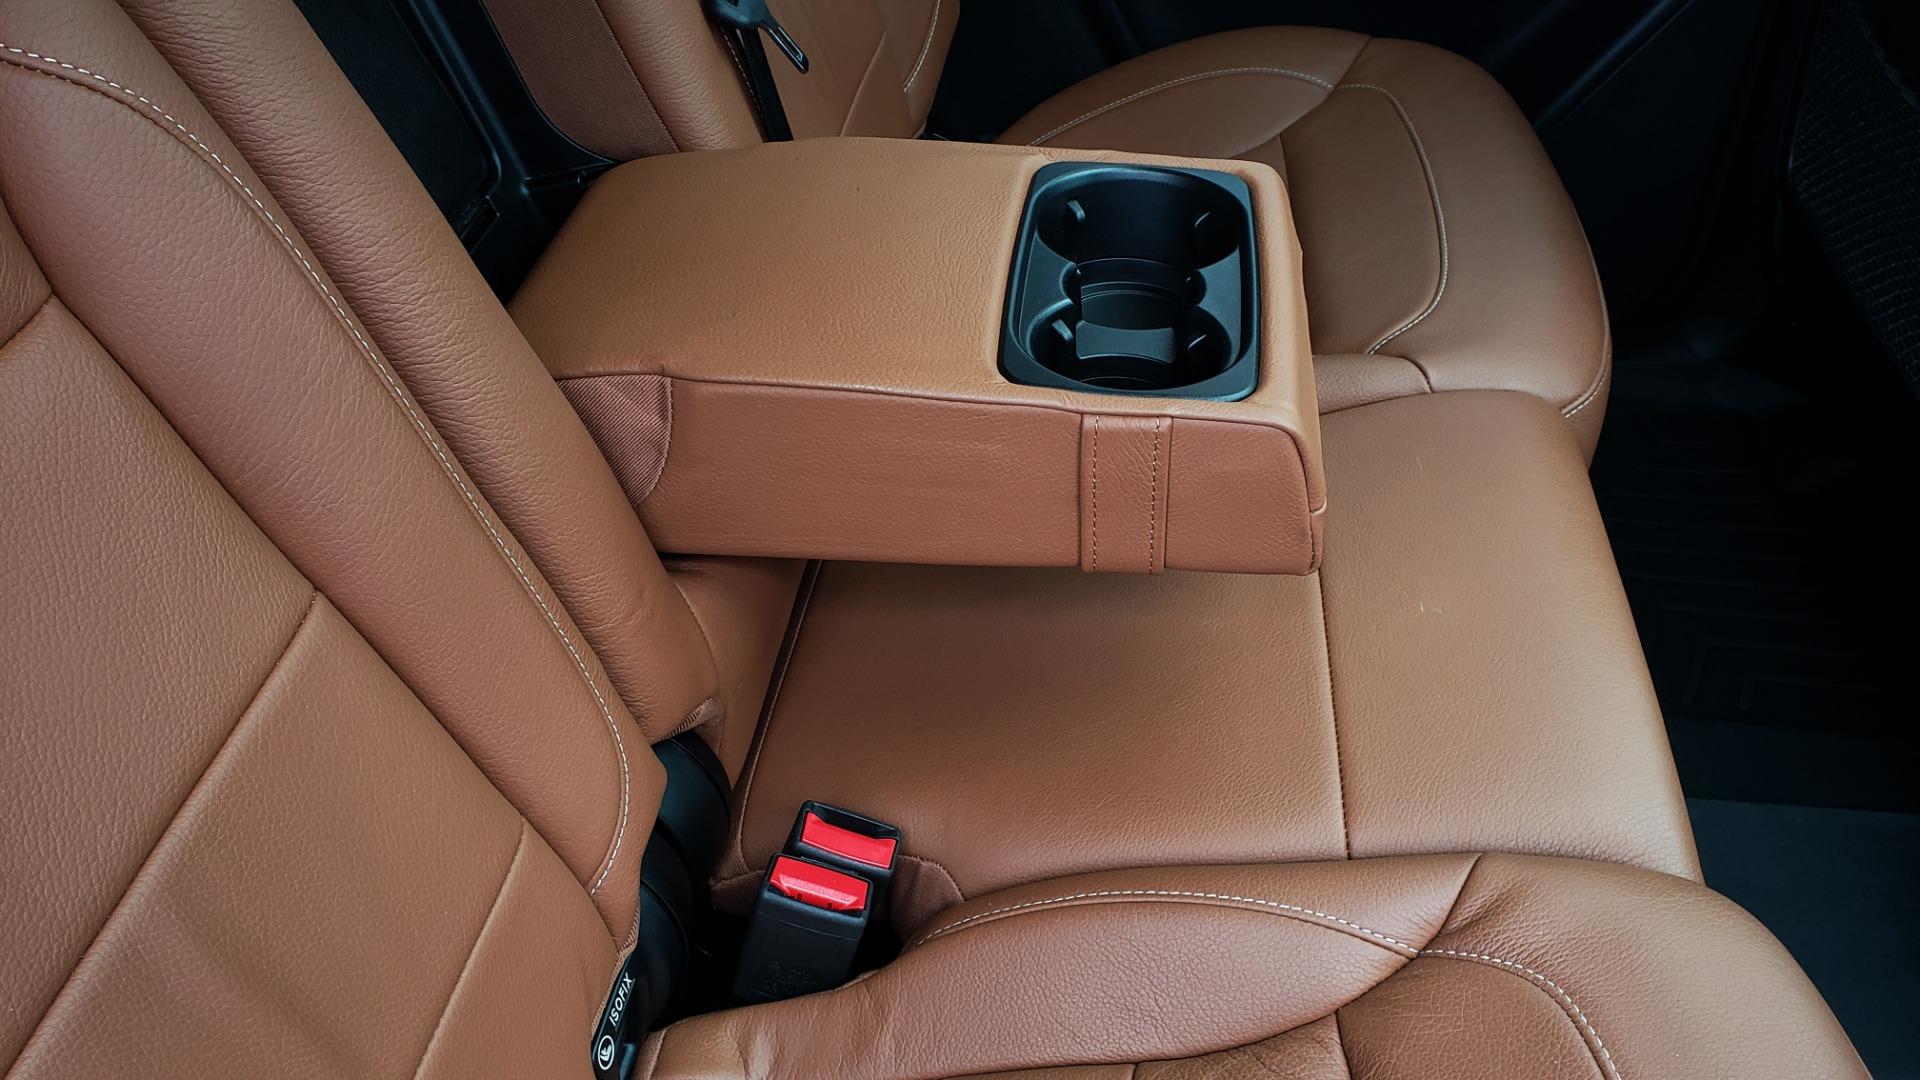 Used 2016 Mercedes-Benz GLE 450 AMG / AWD / PREM PKG / PARK ASST / DRVR ASST / SUNROOF for sale Sold at Formula Imports in Charlotte NC 28227 82